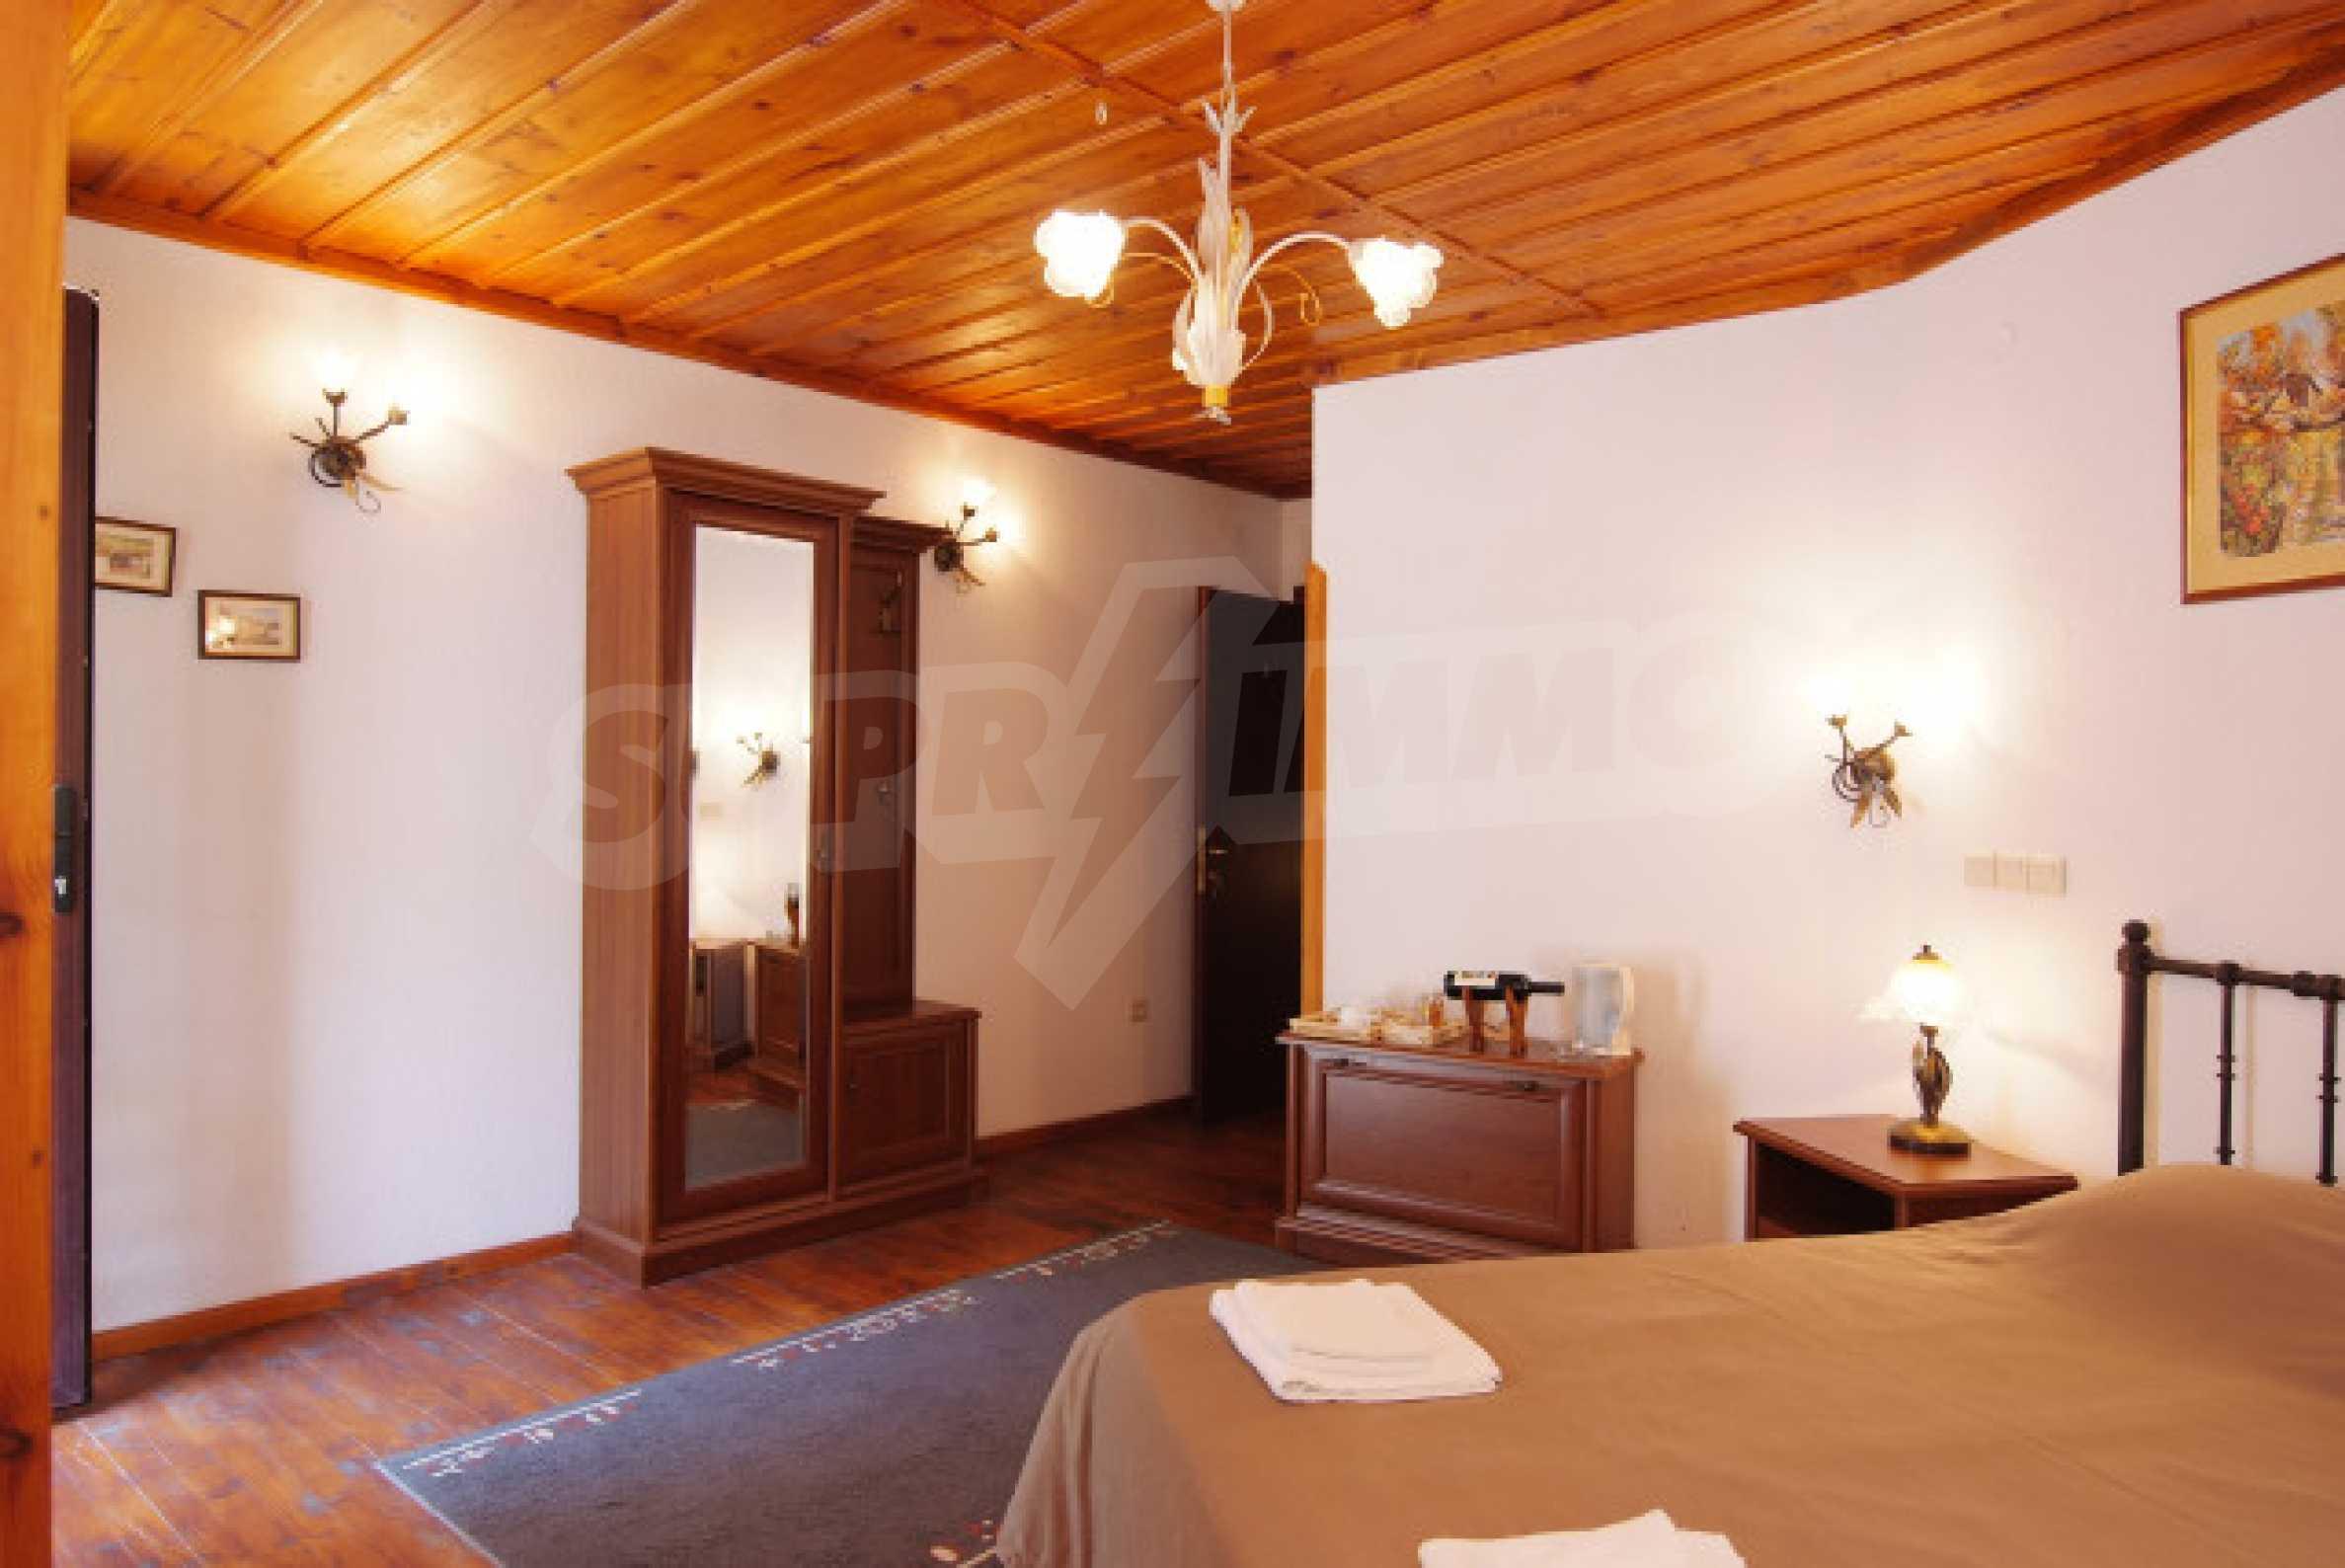 Гостиница, Отель в г. Мелник 24